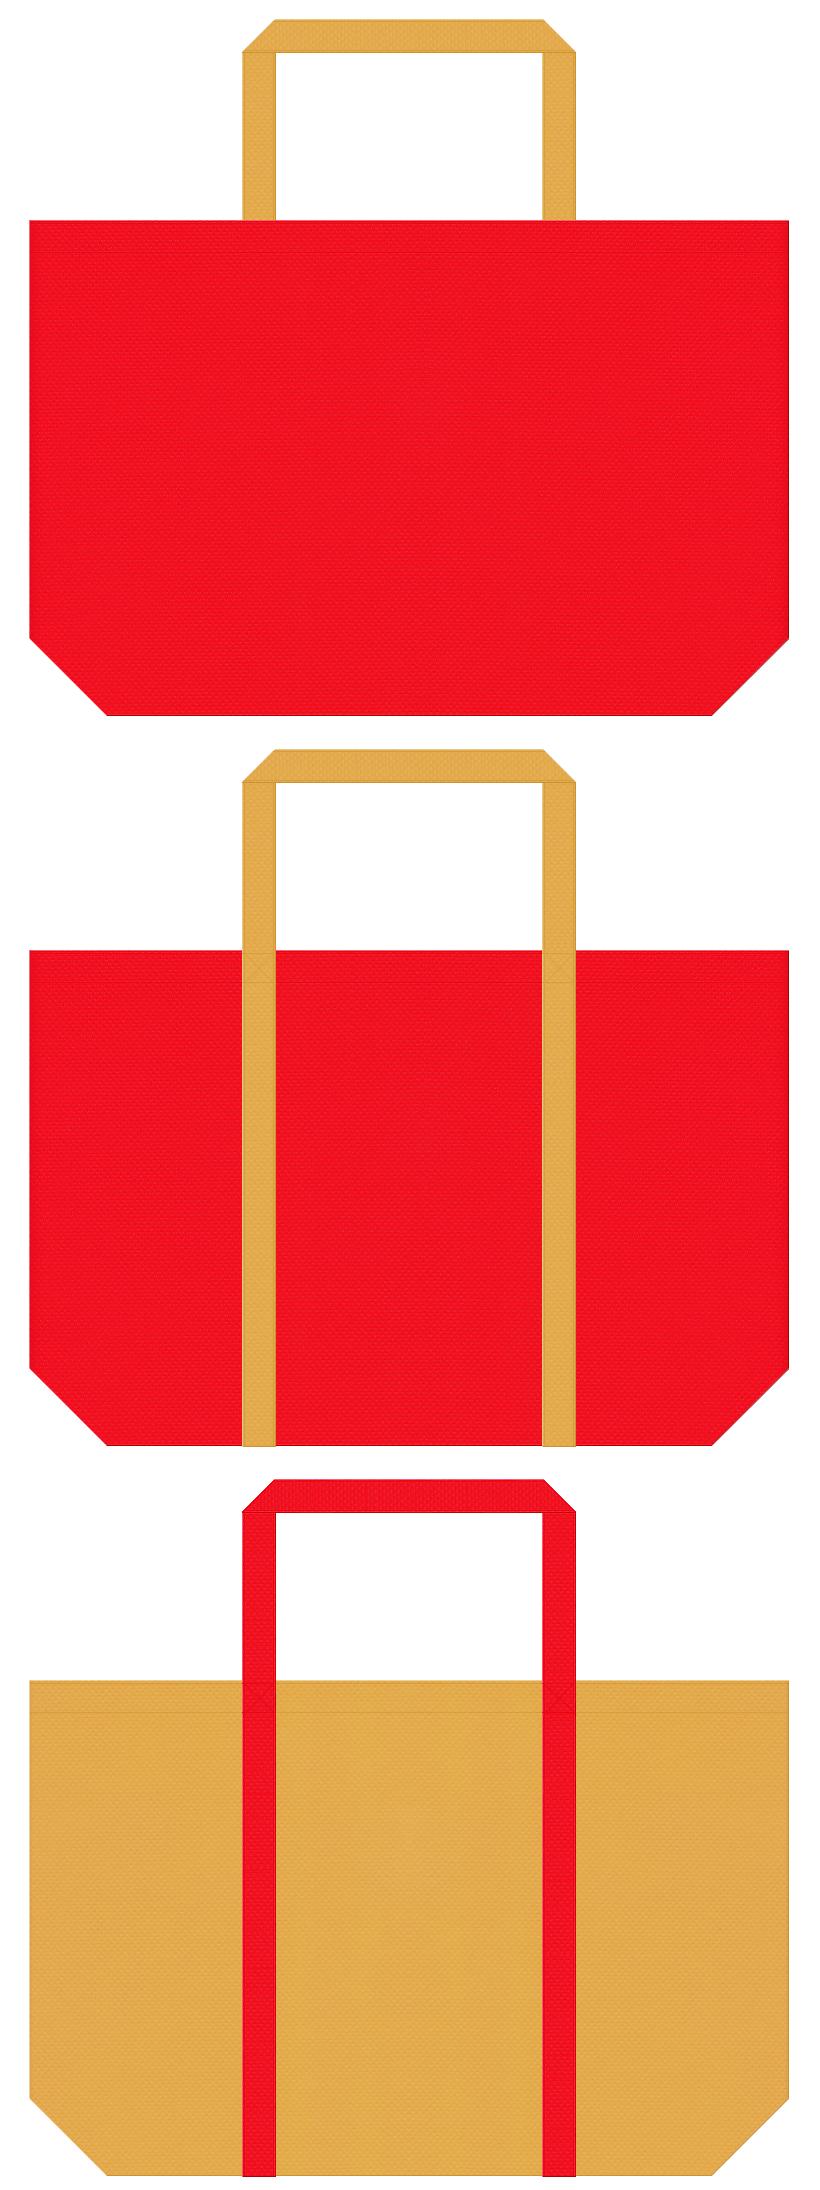 赤色と黄土色の不織布バッグデザイン。節分商品のショッピングバッグにお奨めです。